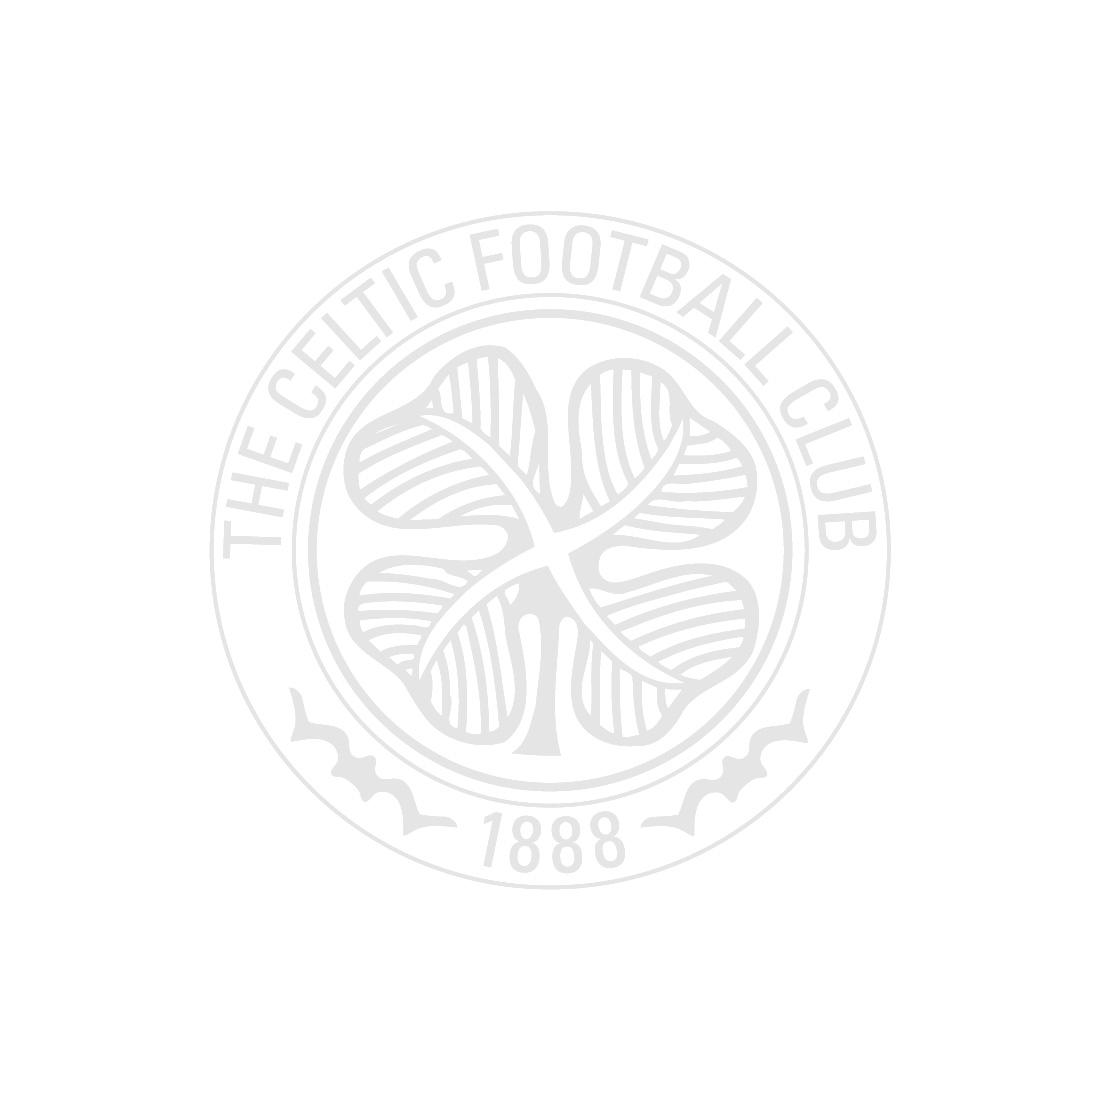 Celtic Mens Third Shirt 18/19 with No Sponsor